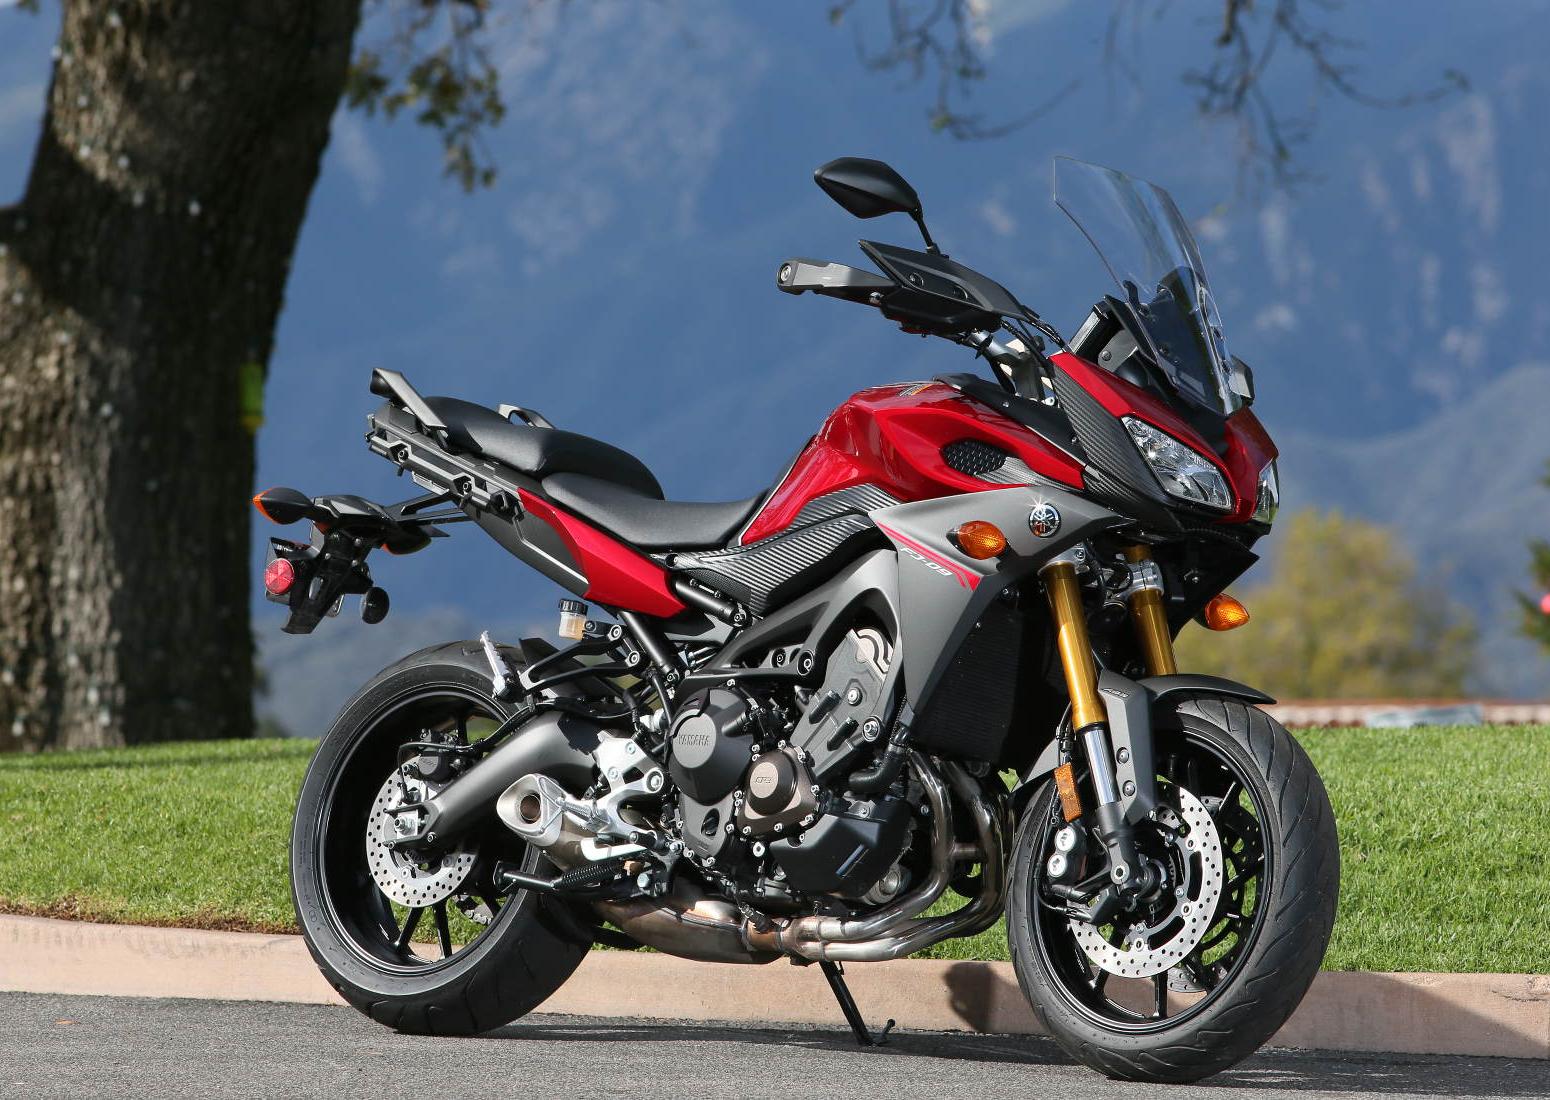 2015 Yamaha FJ-09 Review